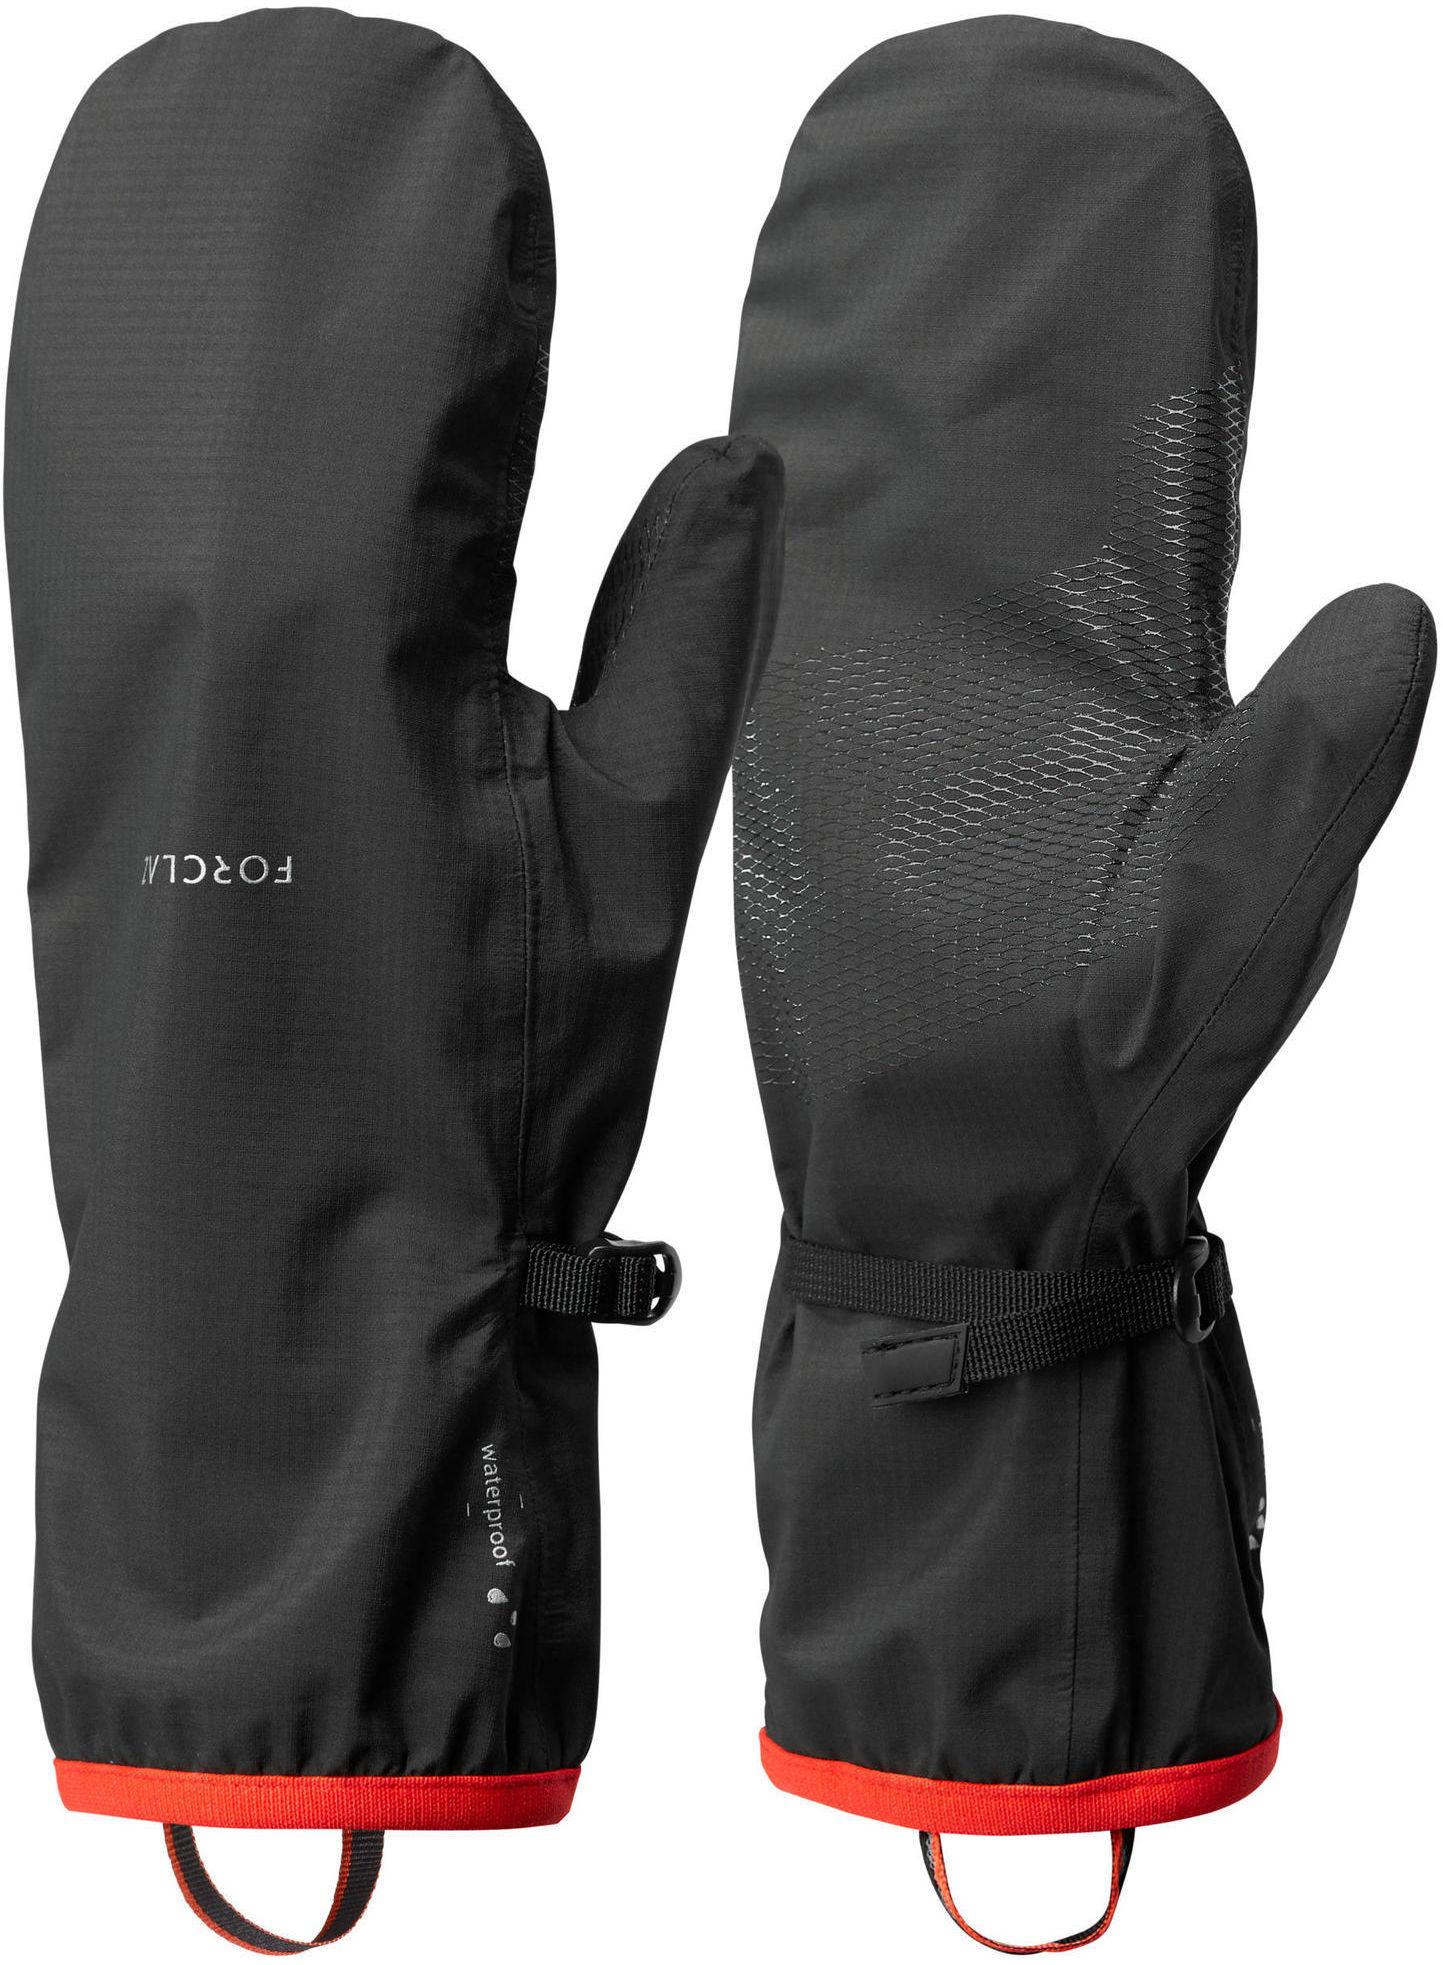 Rękawiczki zewnętrzne trekkingowe górskie Trek 500 WTP dla dorosłych